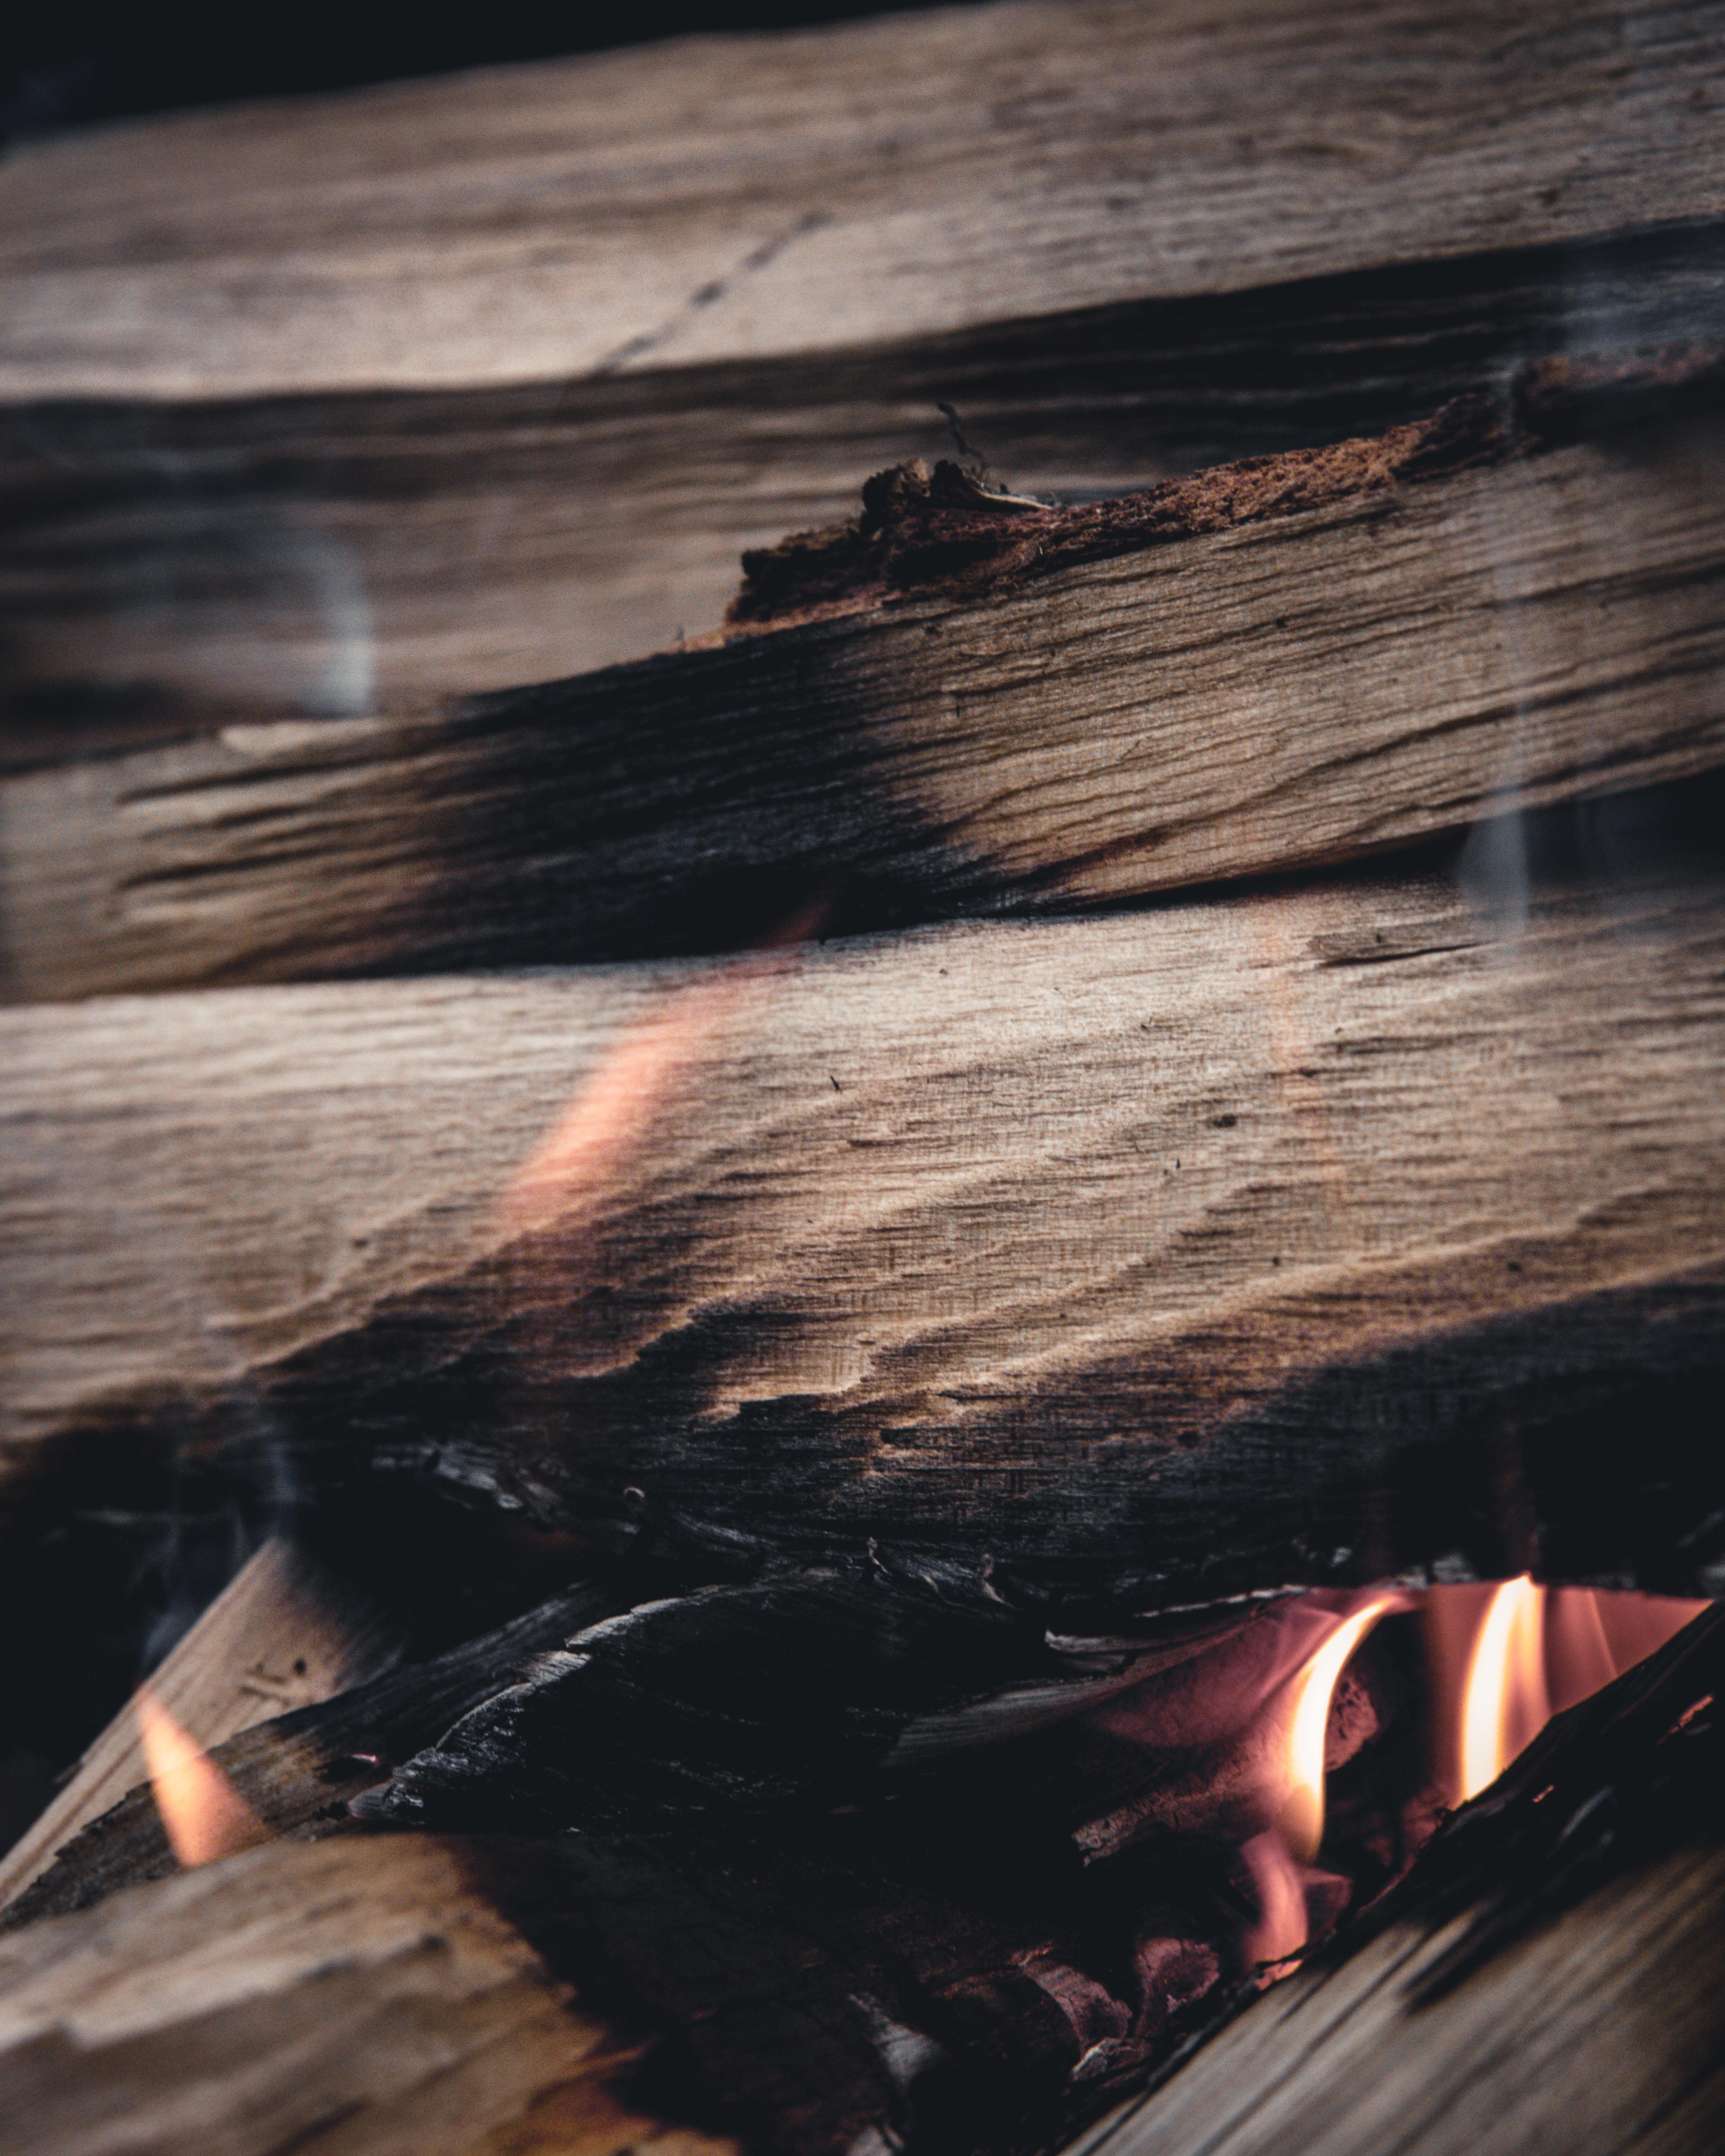 86365 免費下載壁紙 宏, 柴, 木柴, 火, 火焰, 燃烧, 吸烟 屏保和圖片